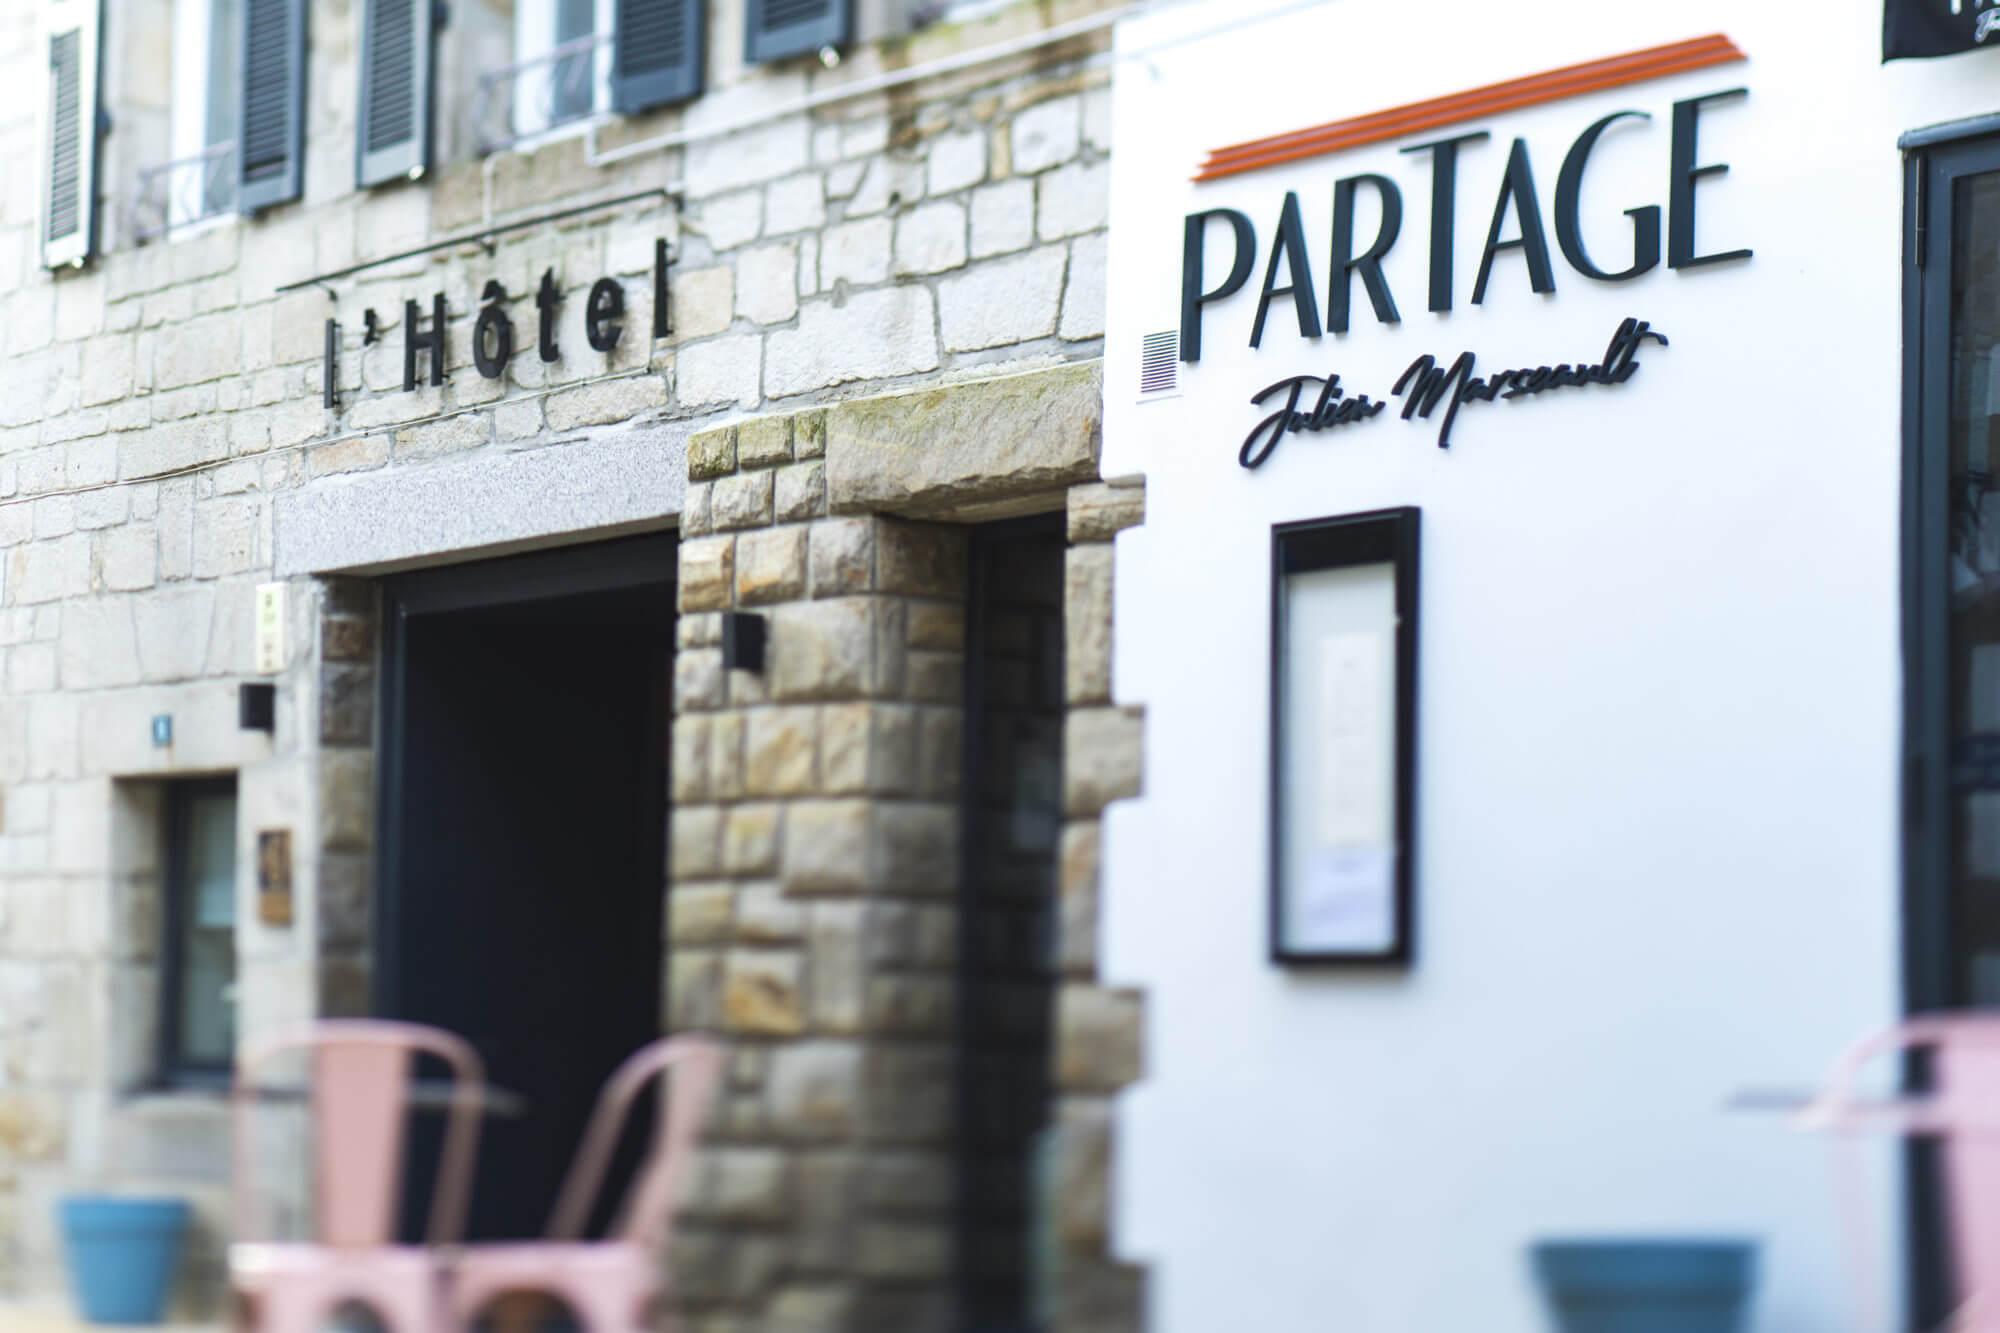 Restaurant Partage